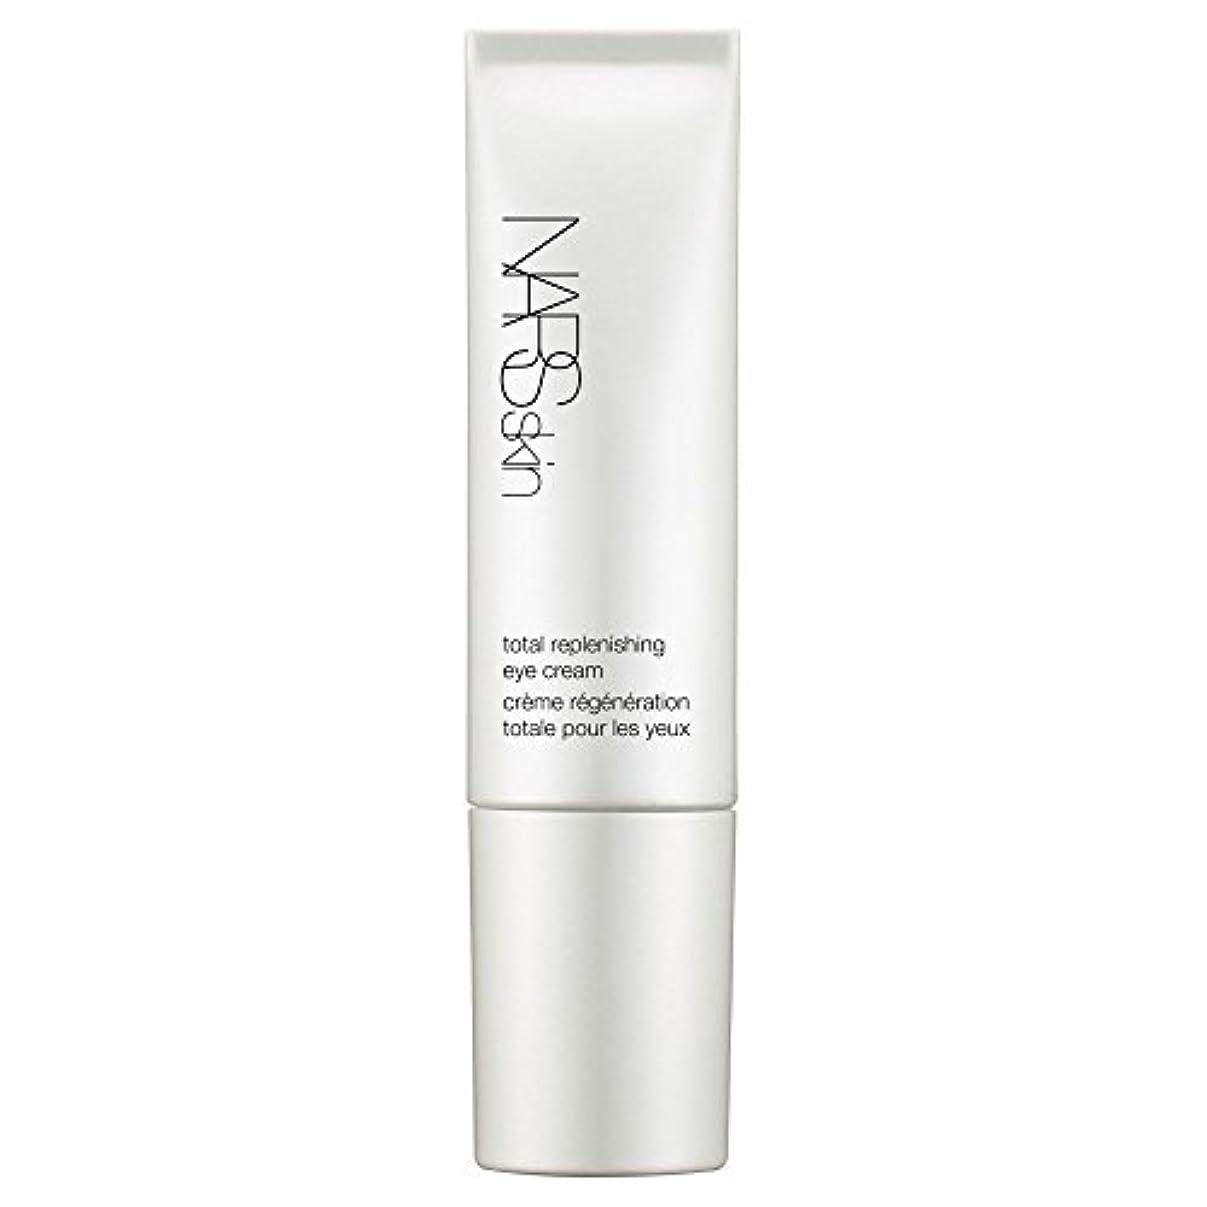 グリーンランド道に迷いましたウェーハ[NARS] Narsskin総補充アイクリーム15Ml - Narsskin Total Replenishing Eye Cream 15ml [並行輸入品]